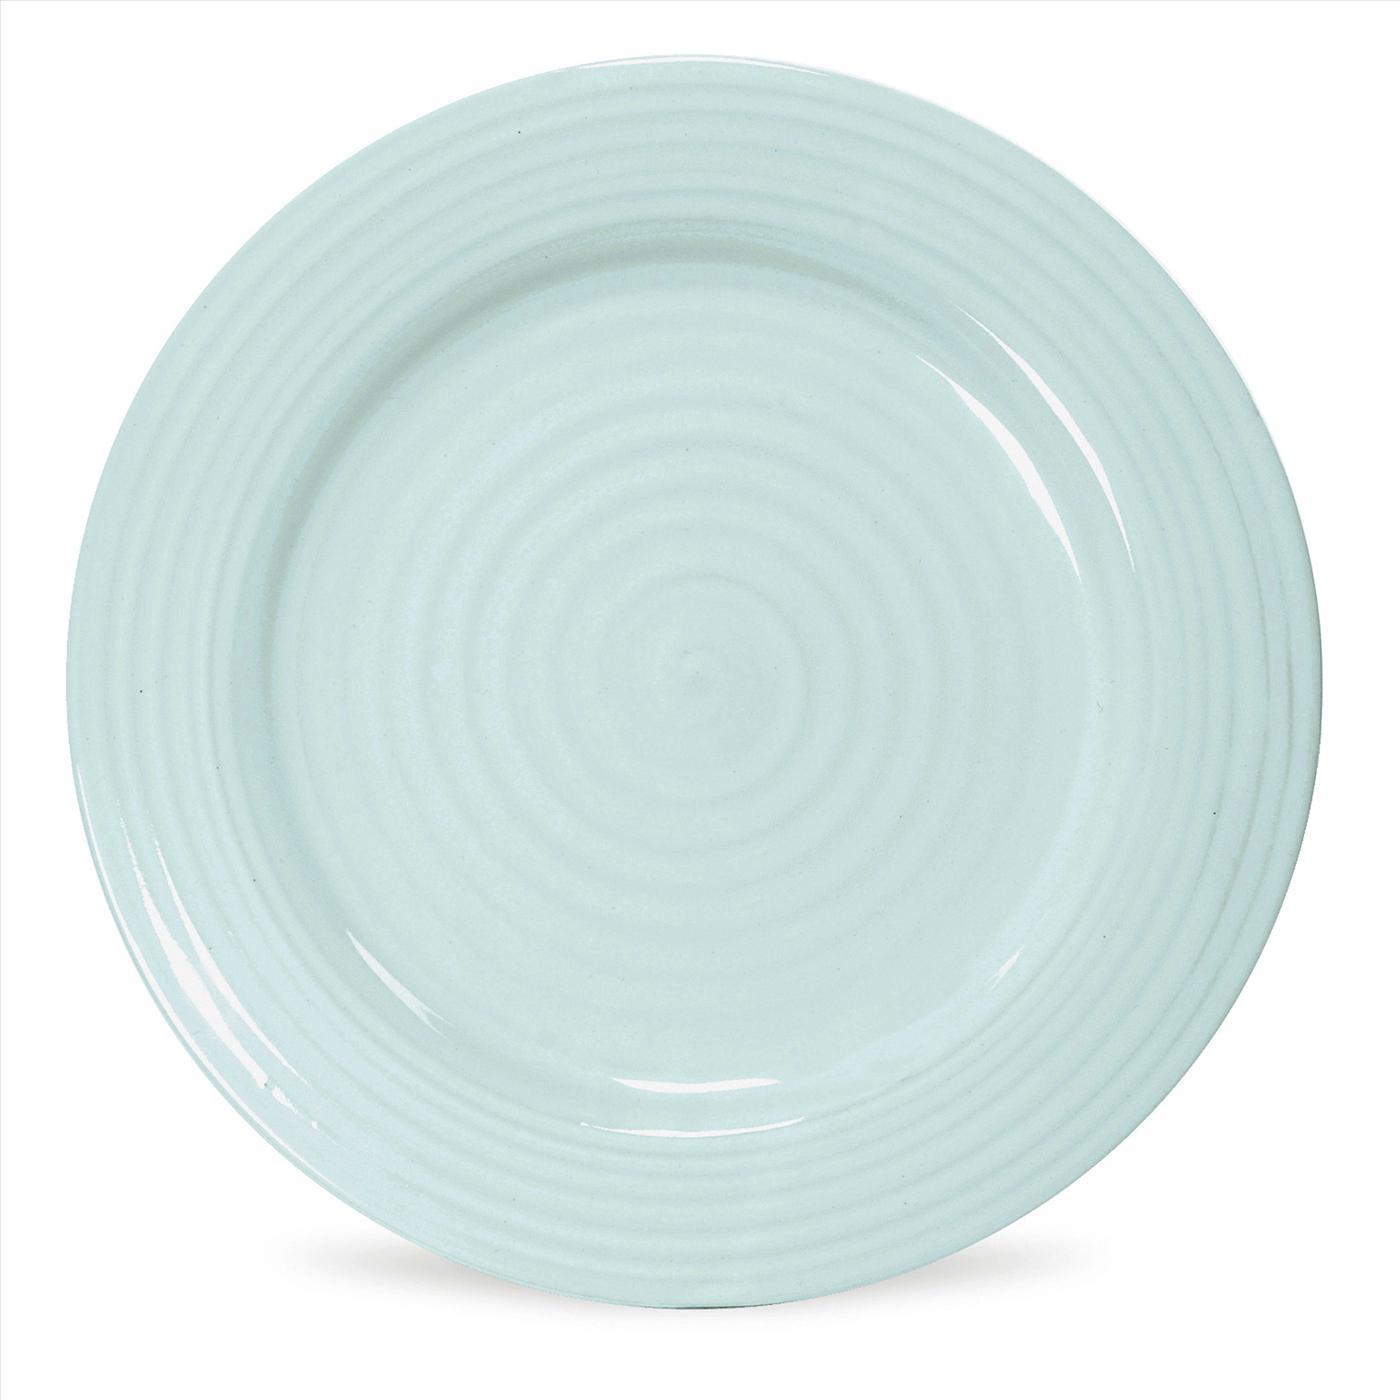 포트메리온 '소피 콘란' 접시 4개 세트 Portmeirion Sophie Conran Celadon Set of 4 Luncheon Plates